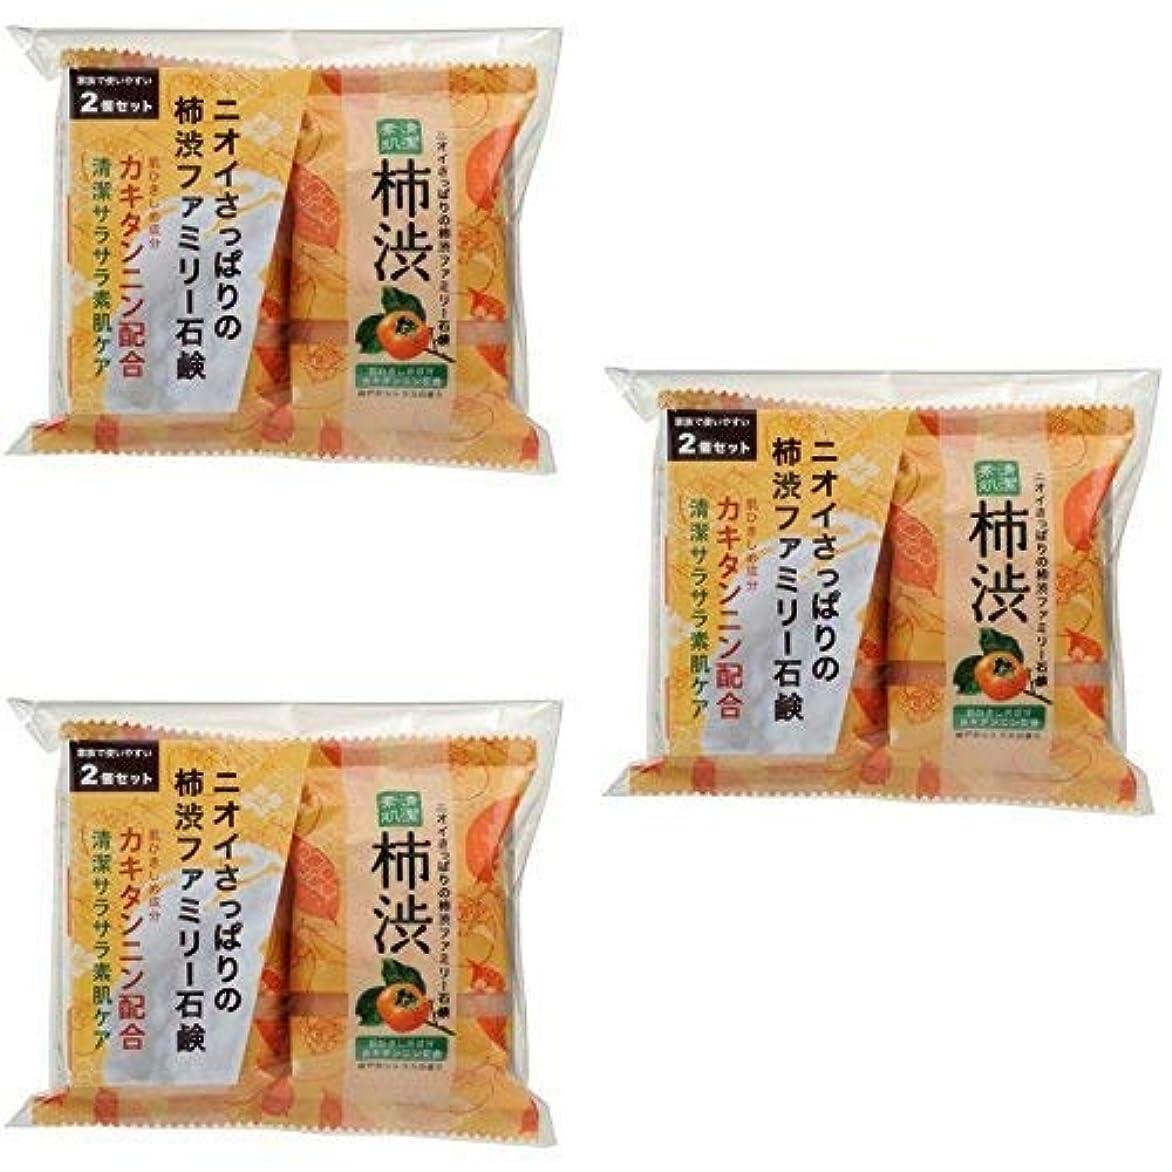 定数綺麗なマトリックスペリカン石鹸 ファミリー柿渋石鹸 80gX2【3個セット】